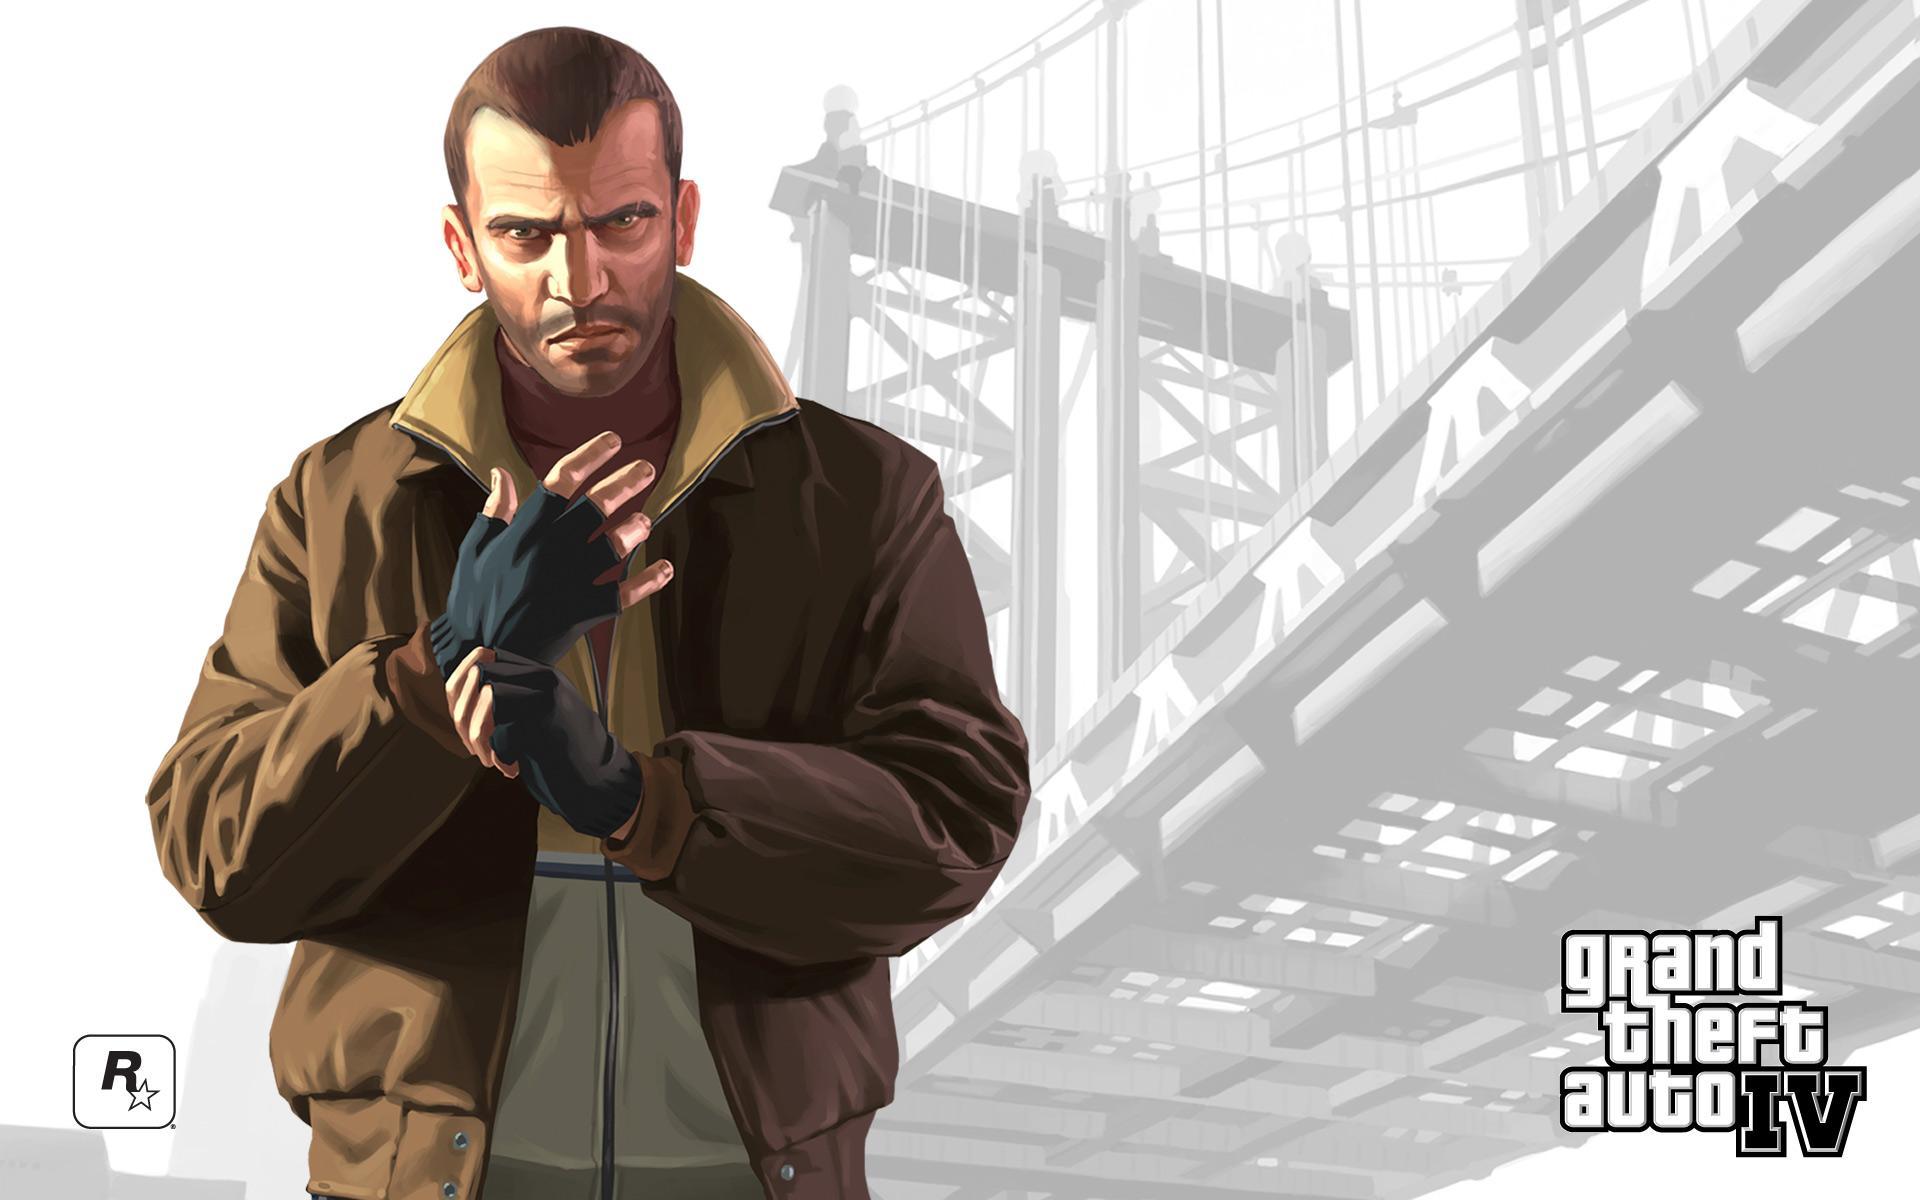 Niko Grand Theft Auto IV